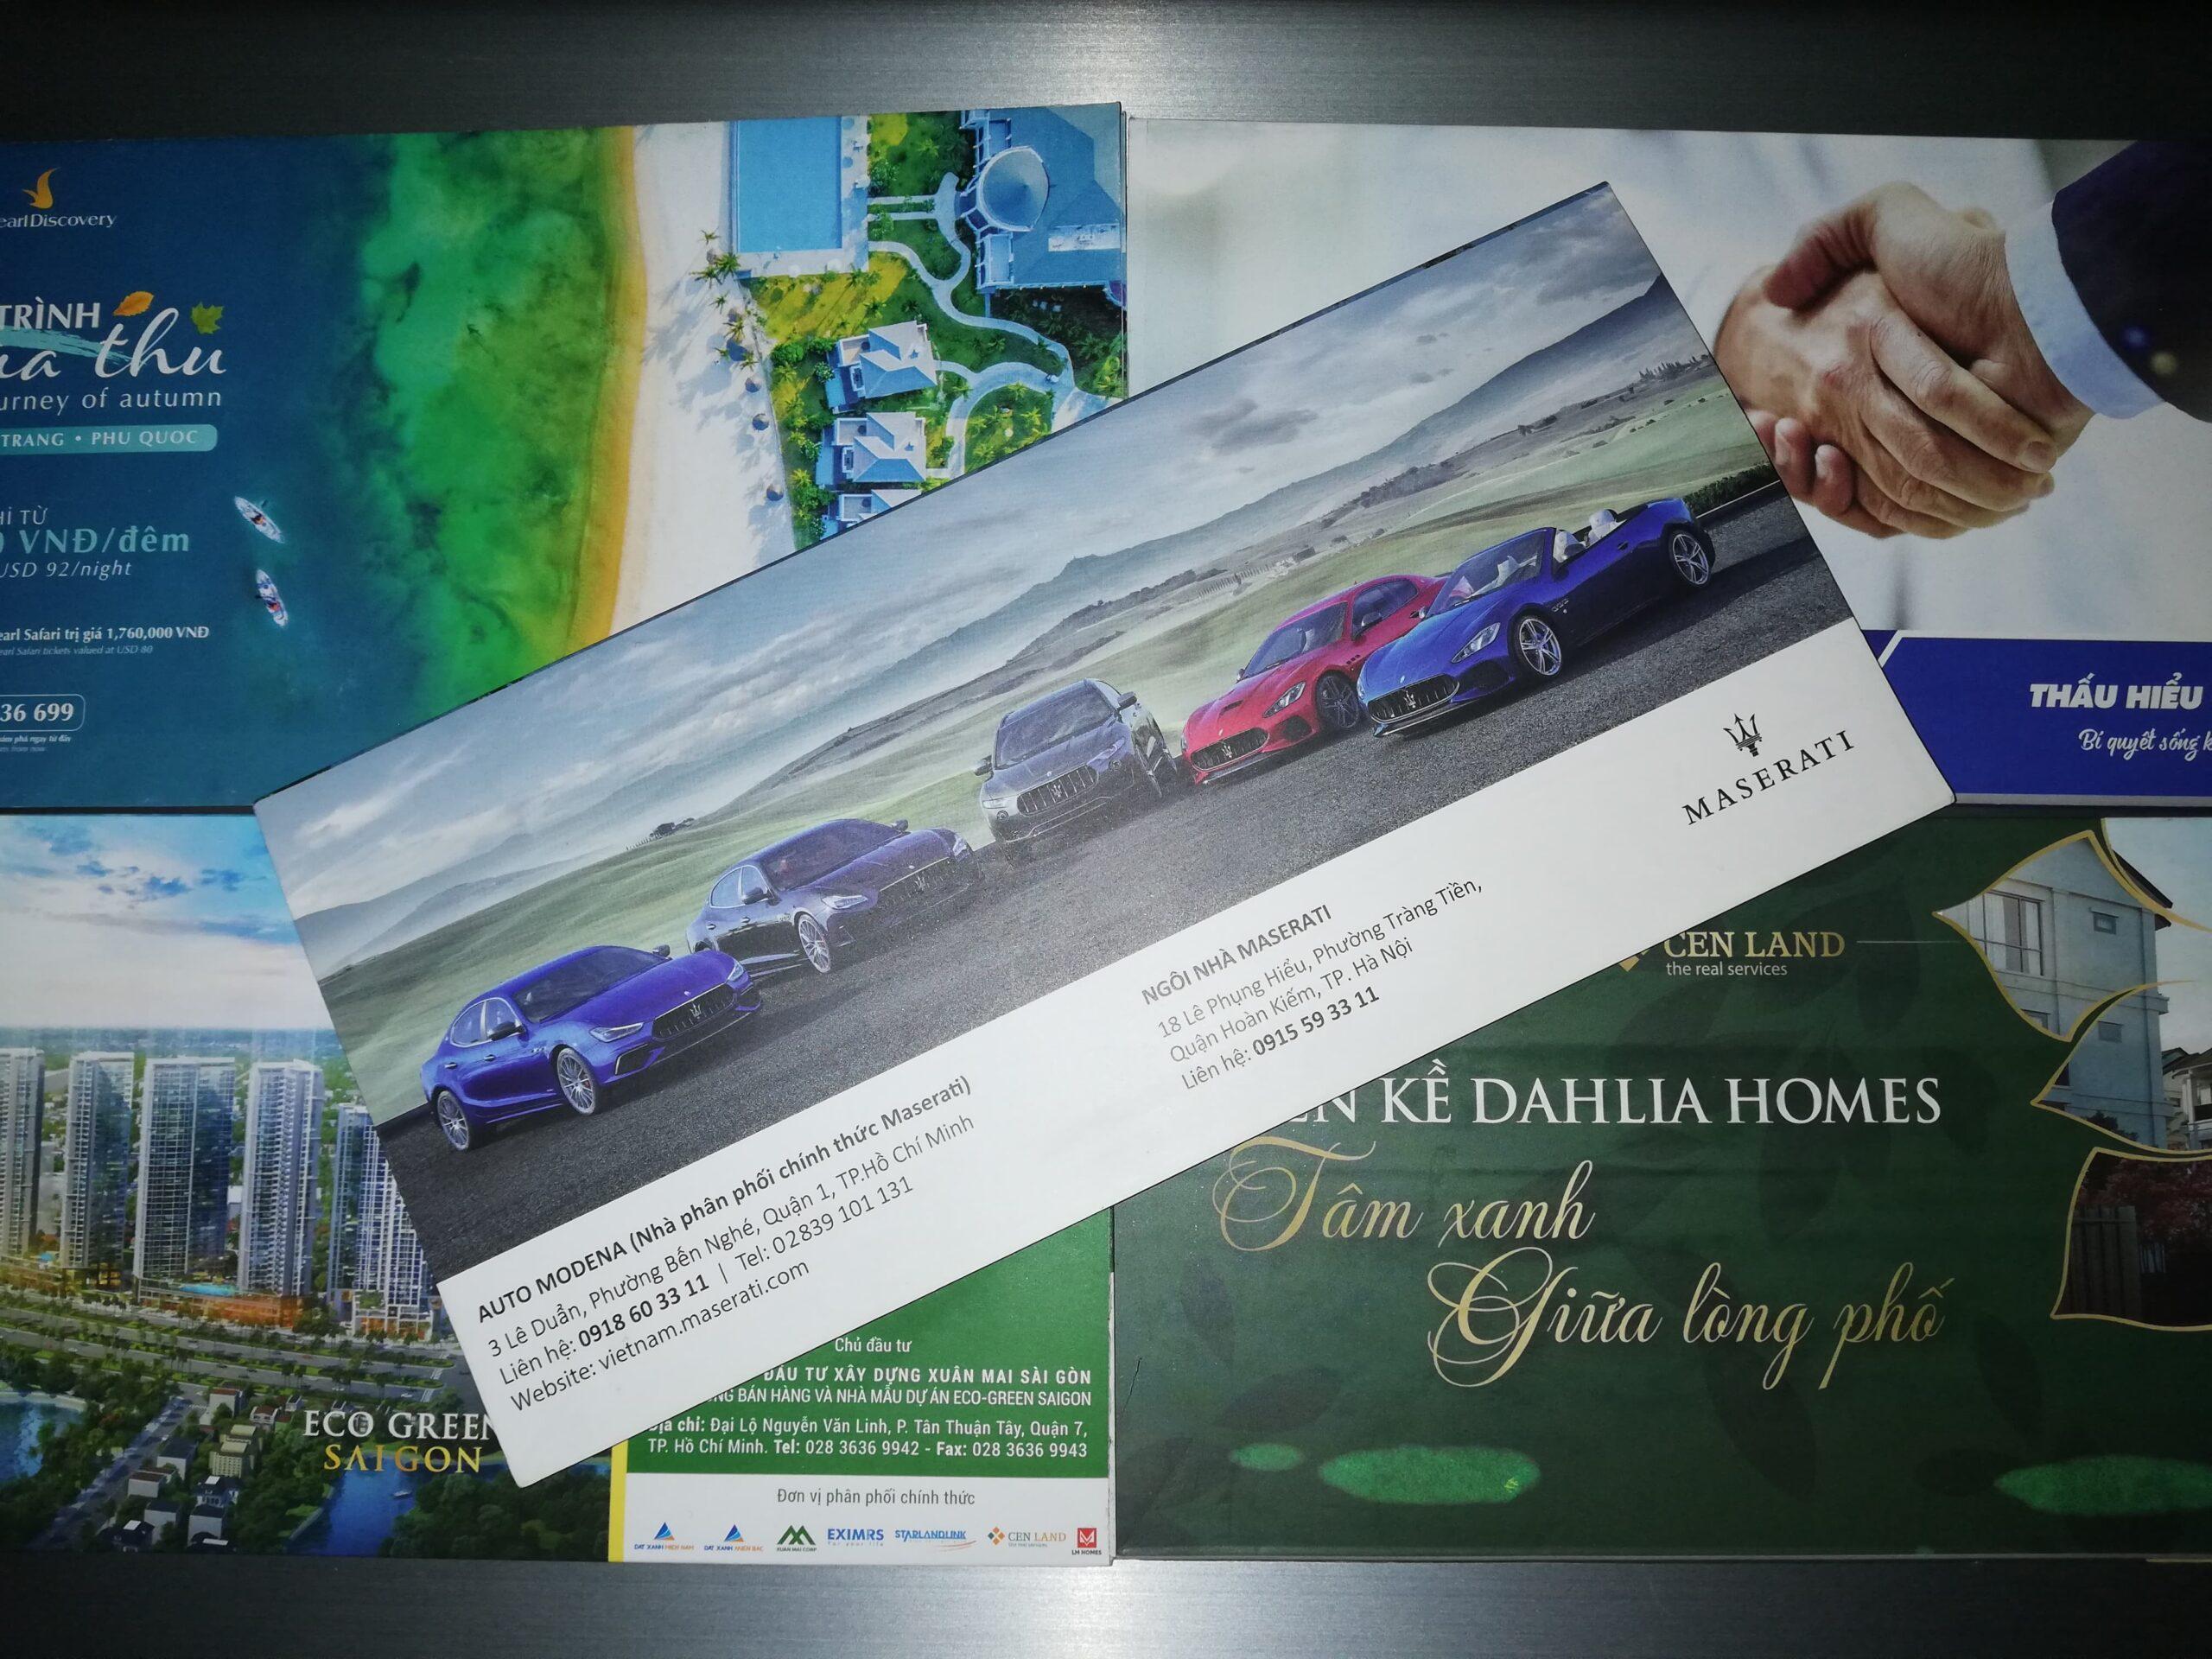 Quảng cáo trên vé máy bay Vietnamairlines